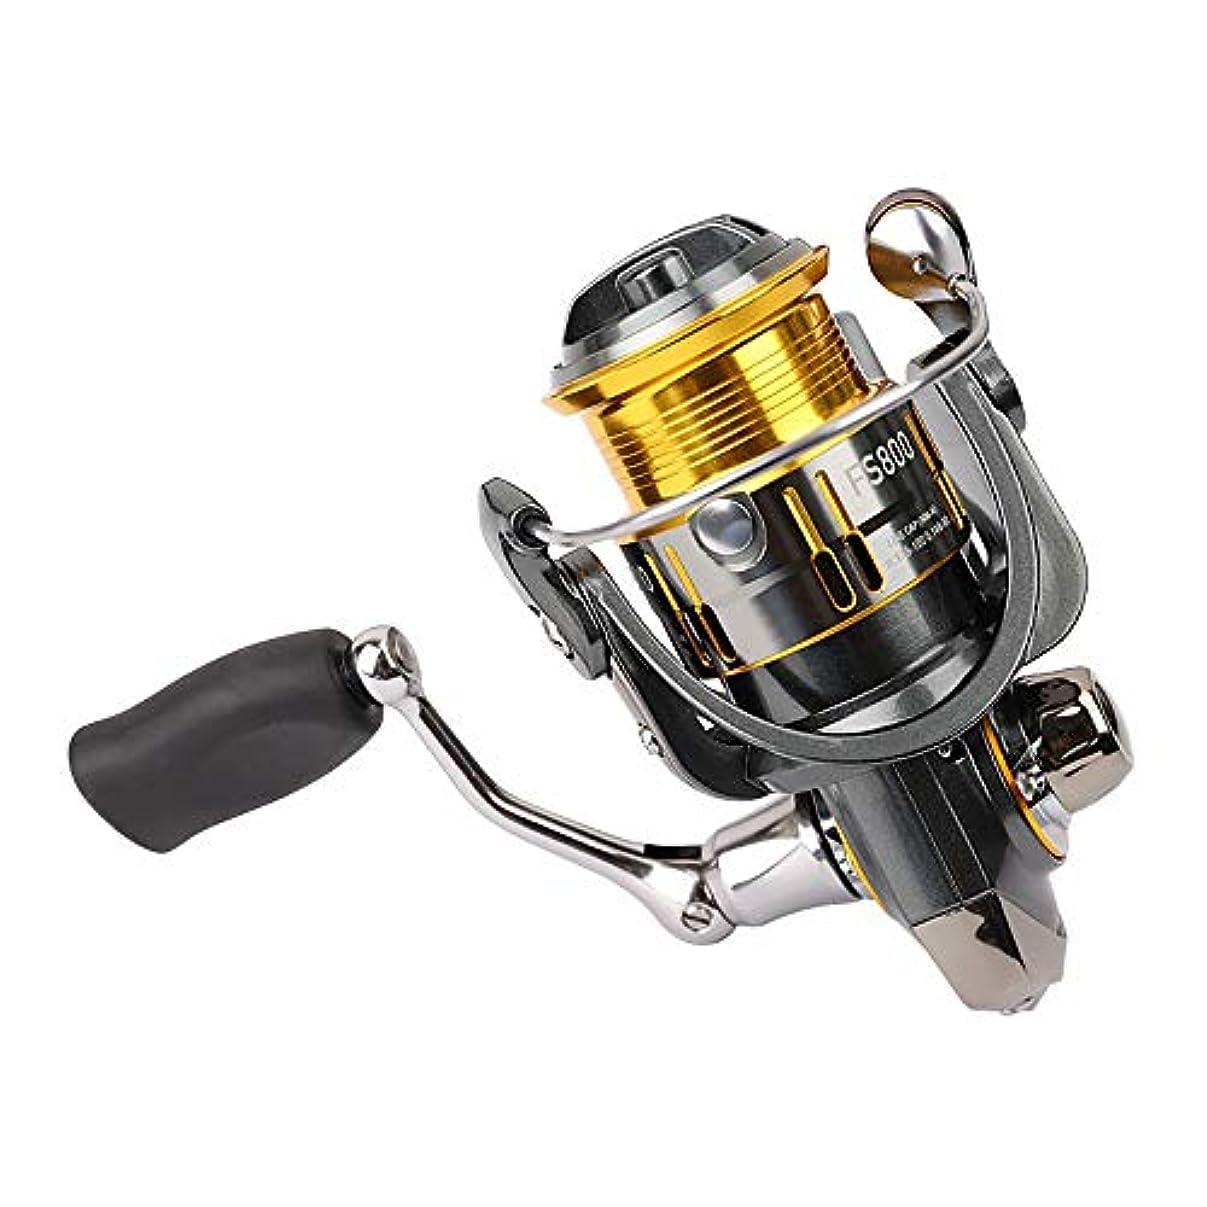 チップそれら叱る釣り リール FS800 9 + 1BBフロントドラグ大きな固定スプールはリールショア、ビーチ鋳造およびボート釣りスピニング 携帯便利 軽量 (Color : Black, Size : FS800)